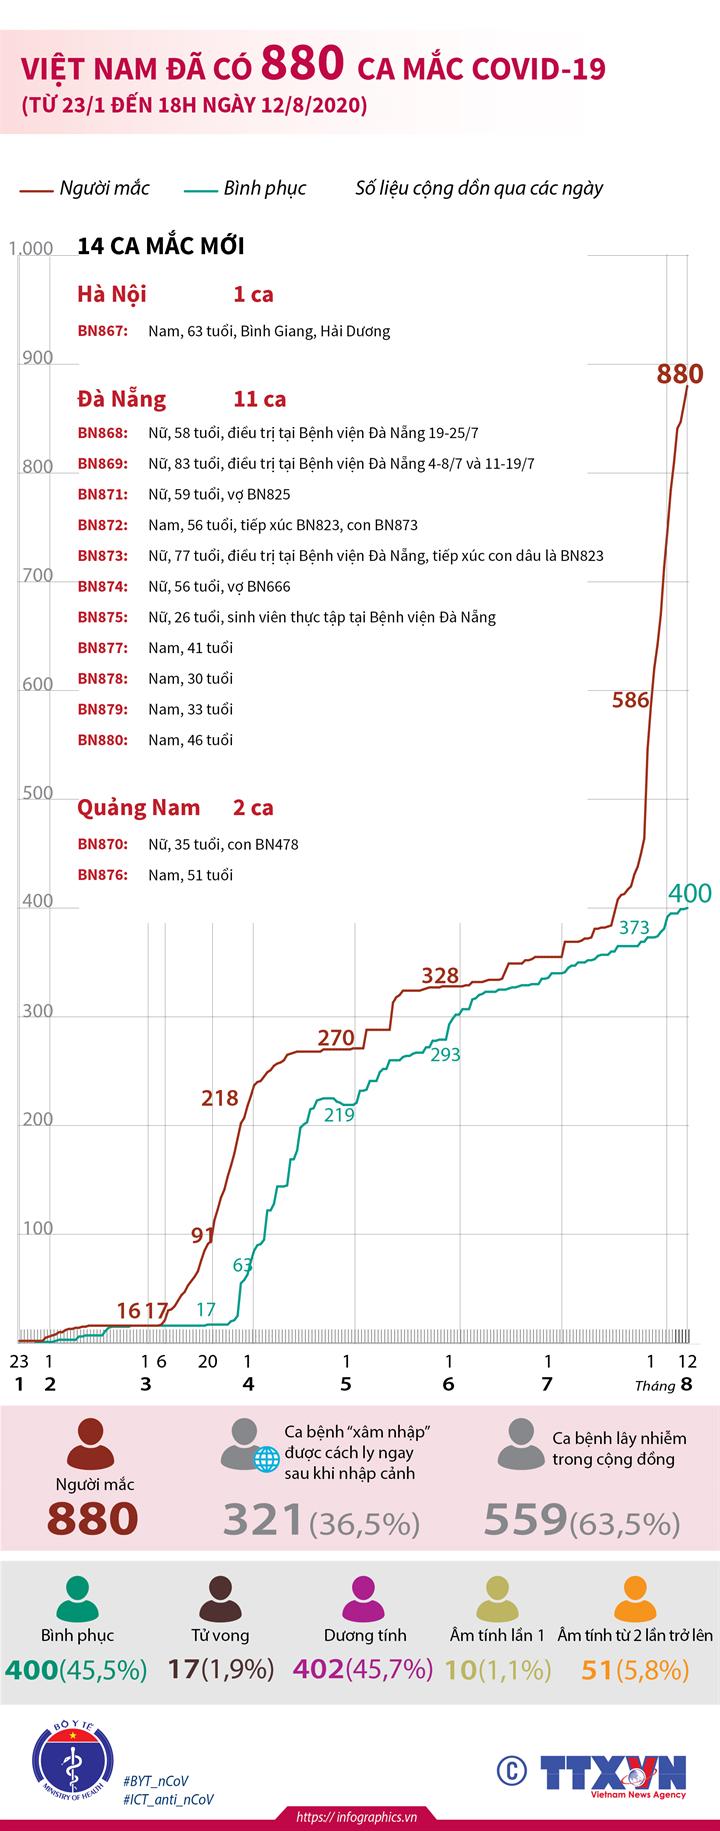 Việt Nam đã có 880 ca mắc COVID-19 (từ 23/1 đến 18h ngày 12/8/2020)